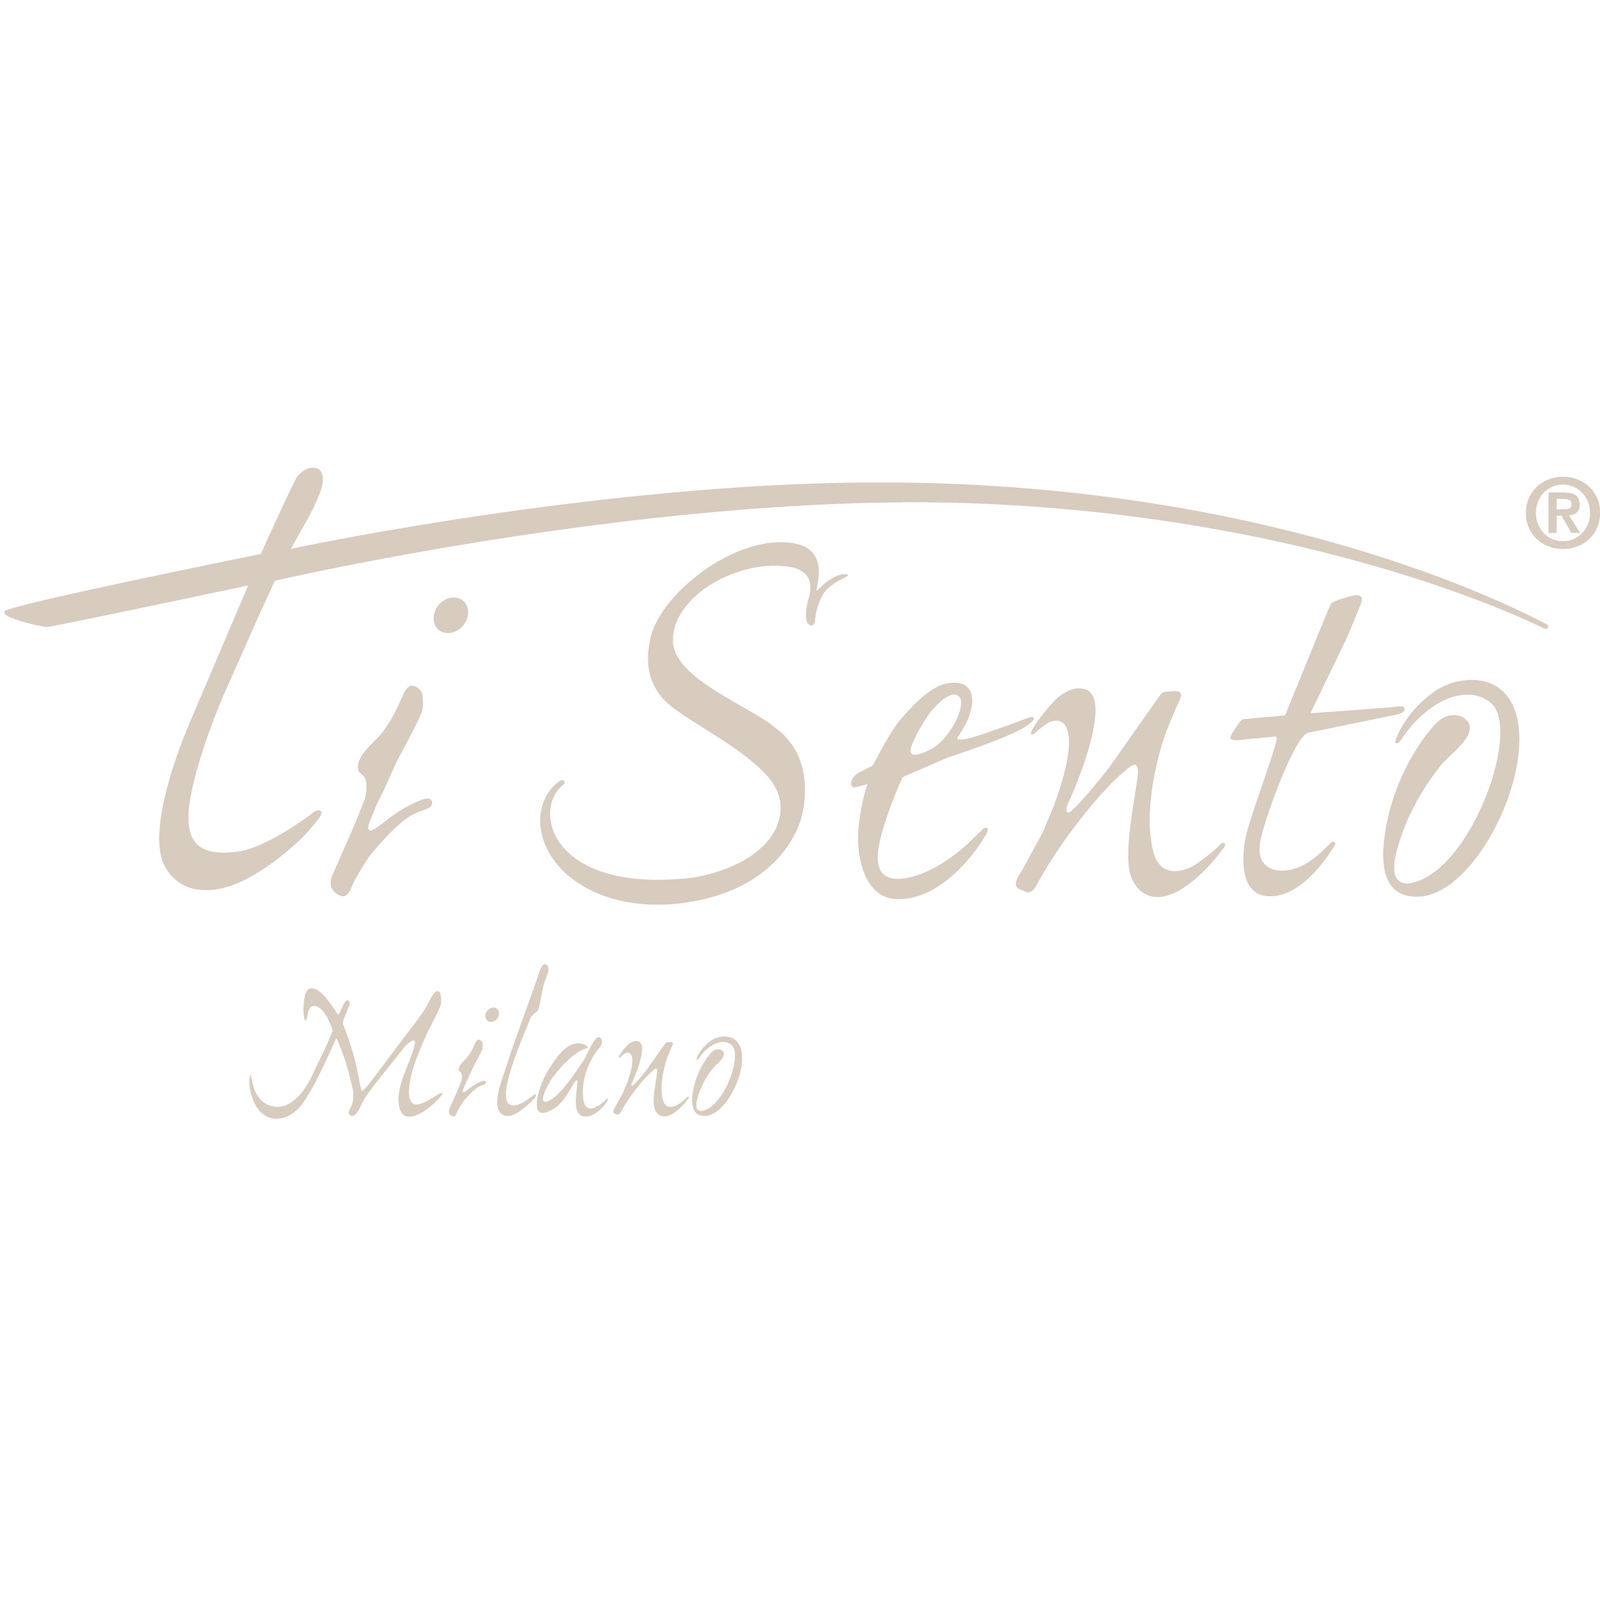 TI SENTO MILANO